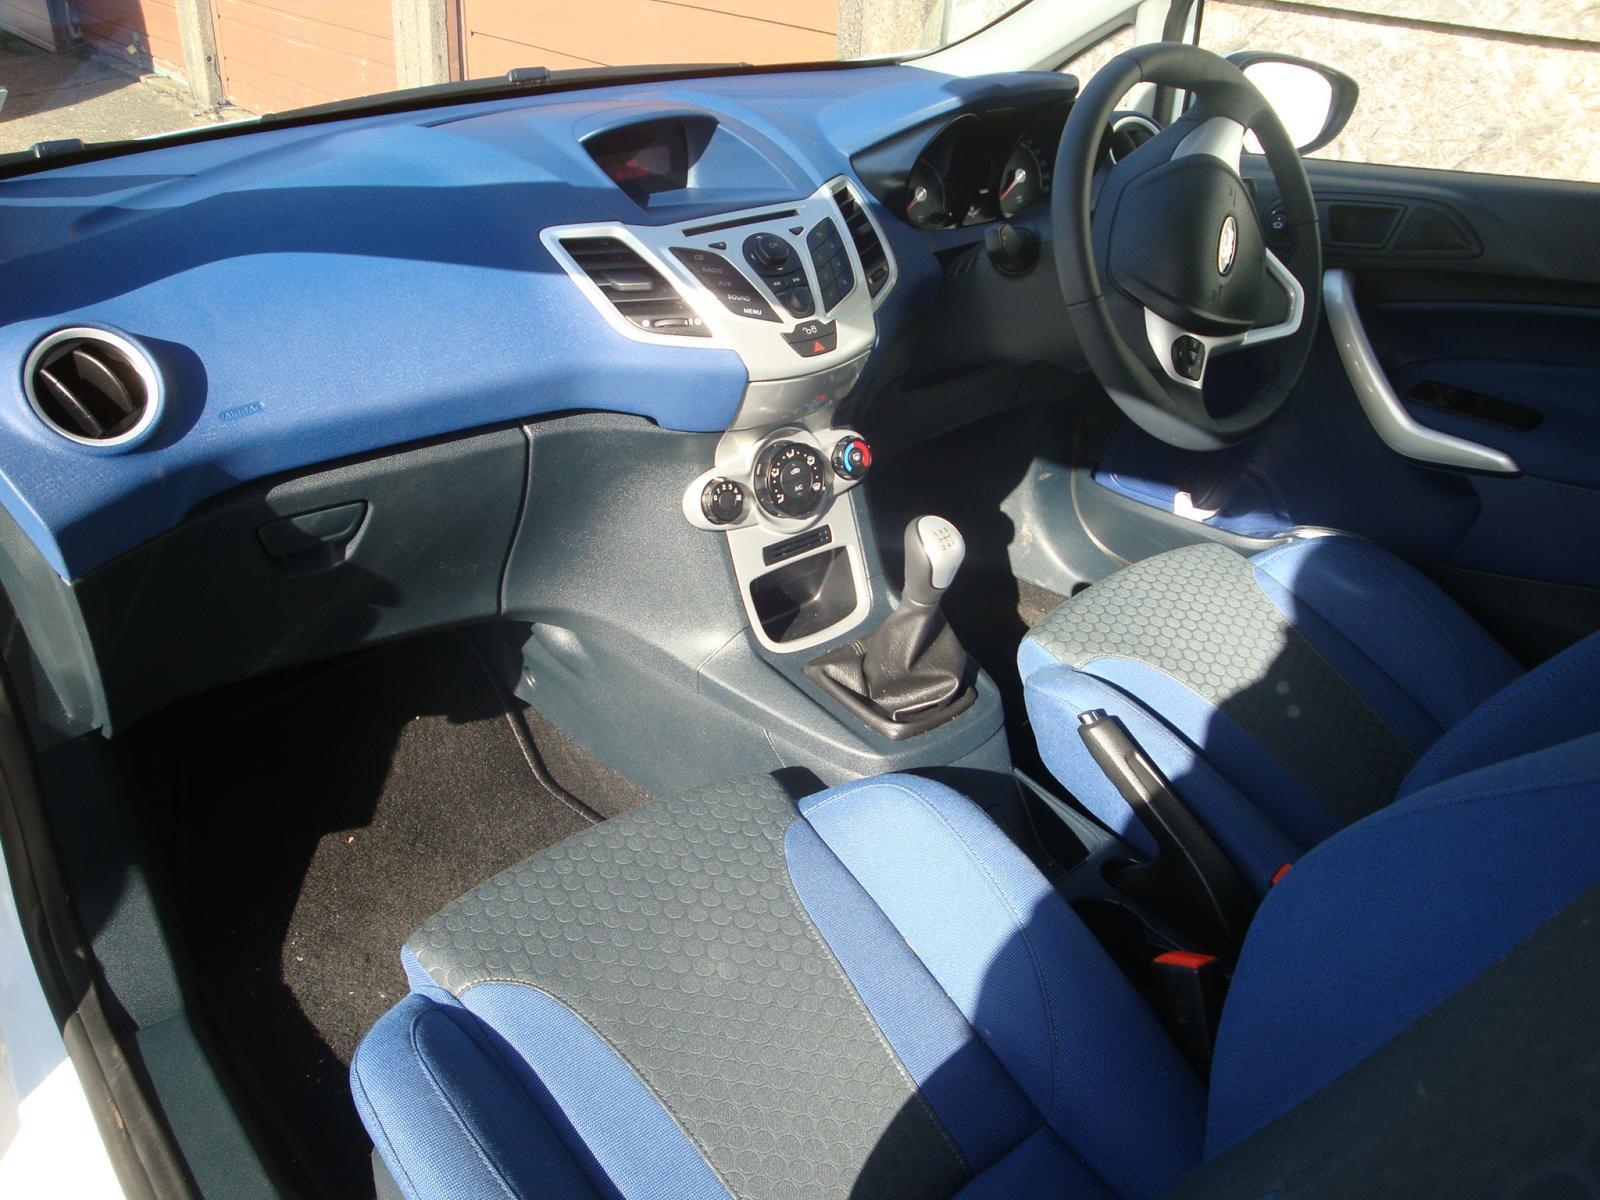 car 003.jpg